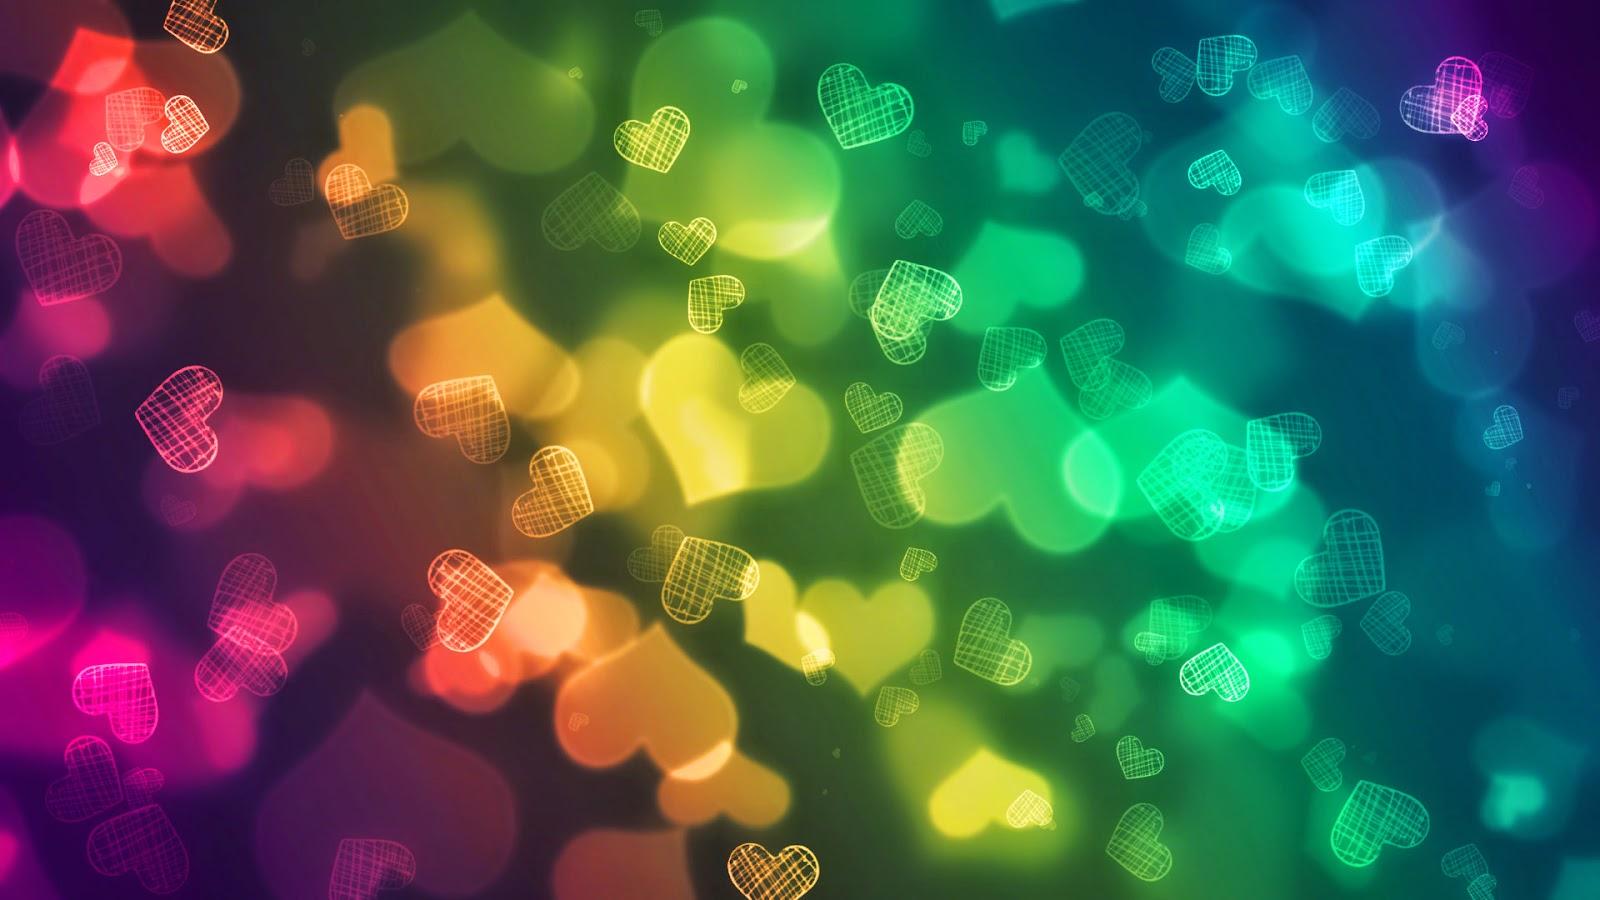 Romantic Love Heart Designs HD Cover Wallpaper | PIXHOME